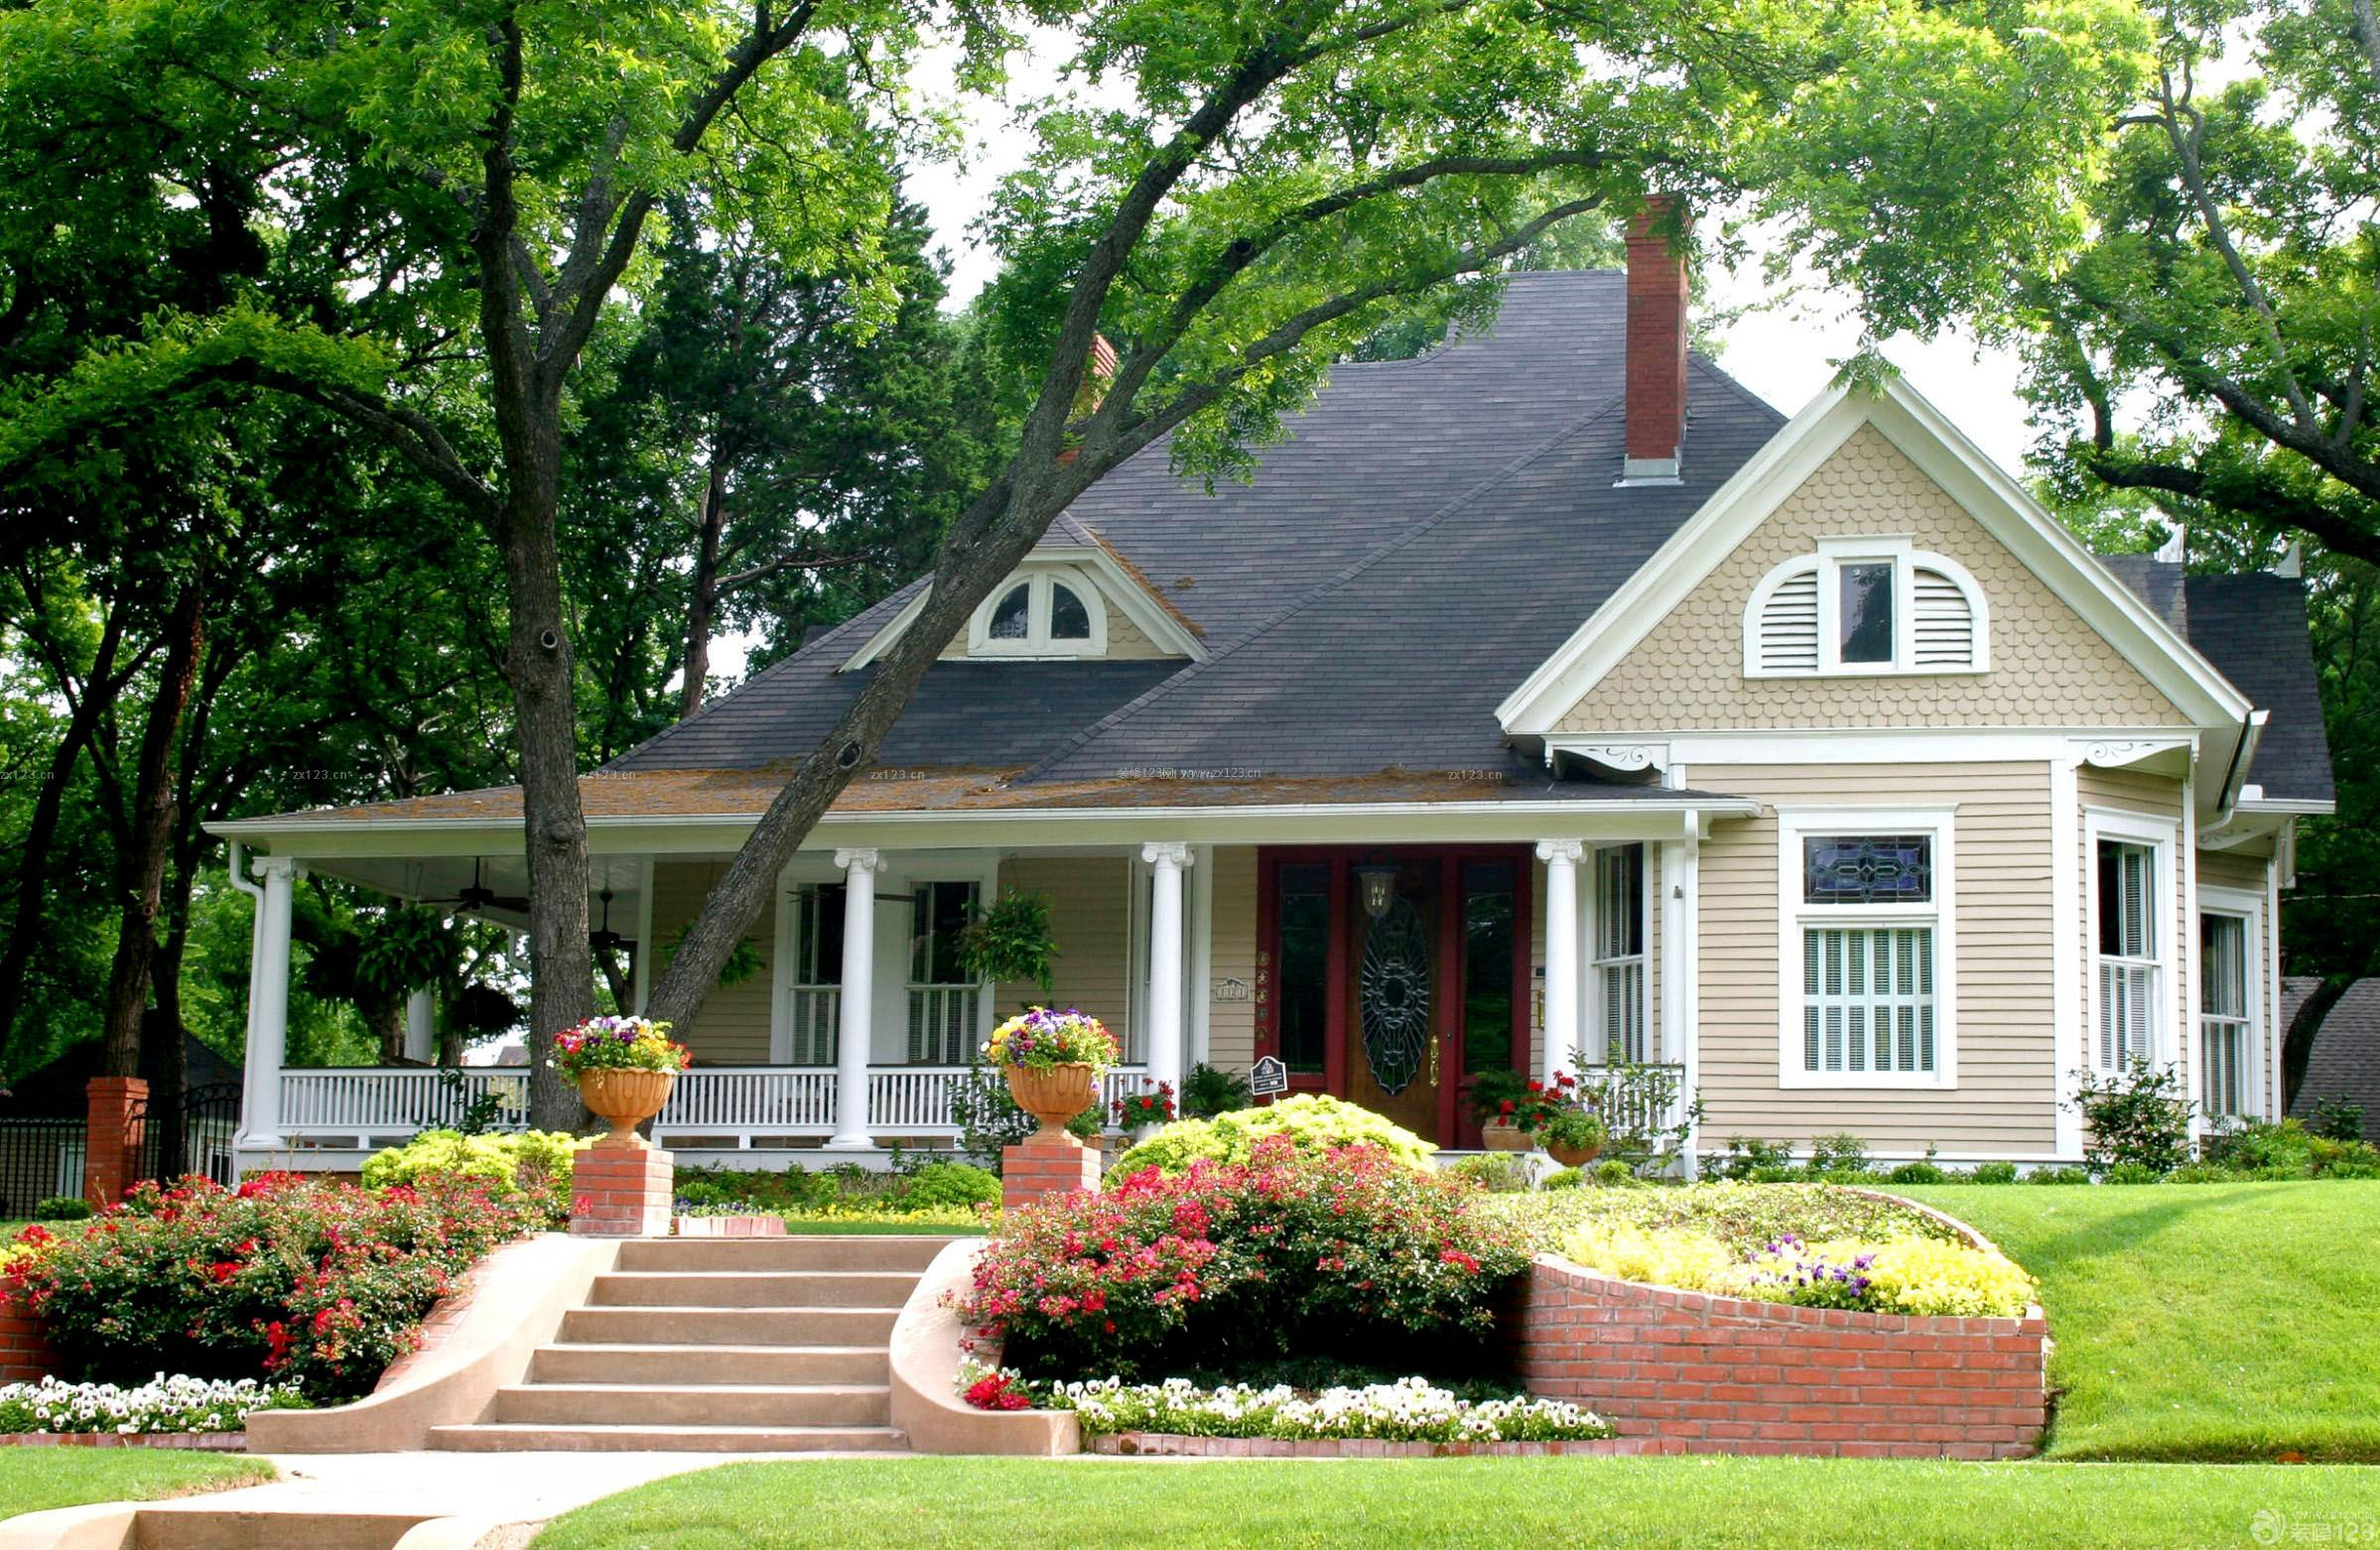 国外美式乡村别墅外观设计图片